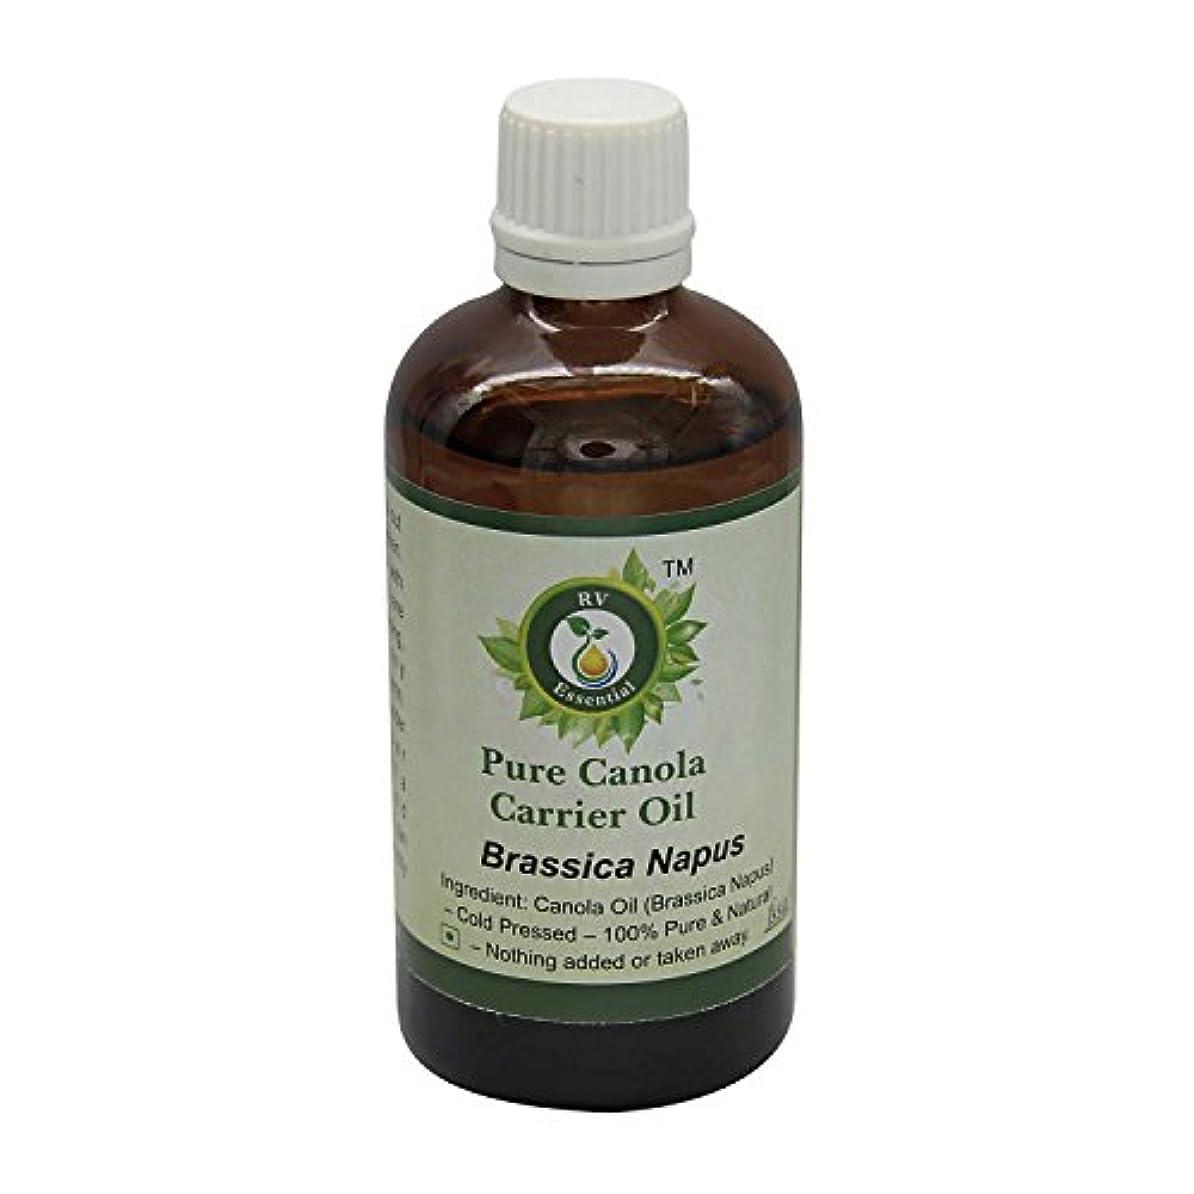 ずらす四応じるR V Essential 純粋なキャノーラキャリアオイル10ml (0.338oz)- Brassica Napus (100%ピュア&ナチュラルコールドPressed) Pure Canola Carrier Oil